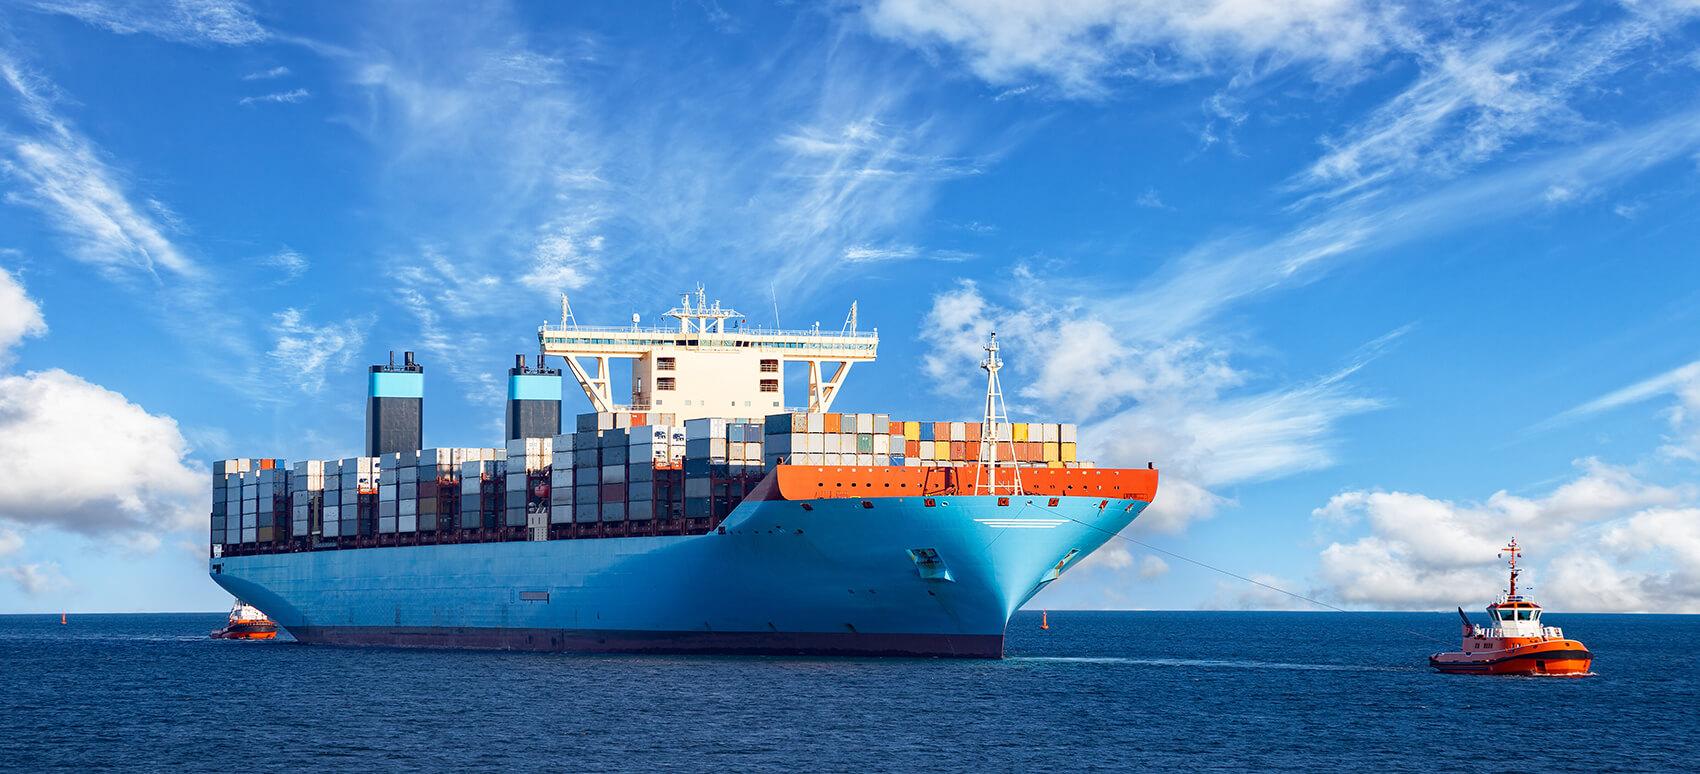 Fra 1. januar 2020 træder IMO 2020 i kraft, hvilket pålægger rederierne at bruge den grønnere og dyrere fuelolie med højst 0,5% svovl.